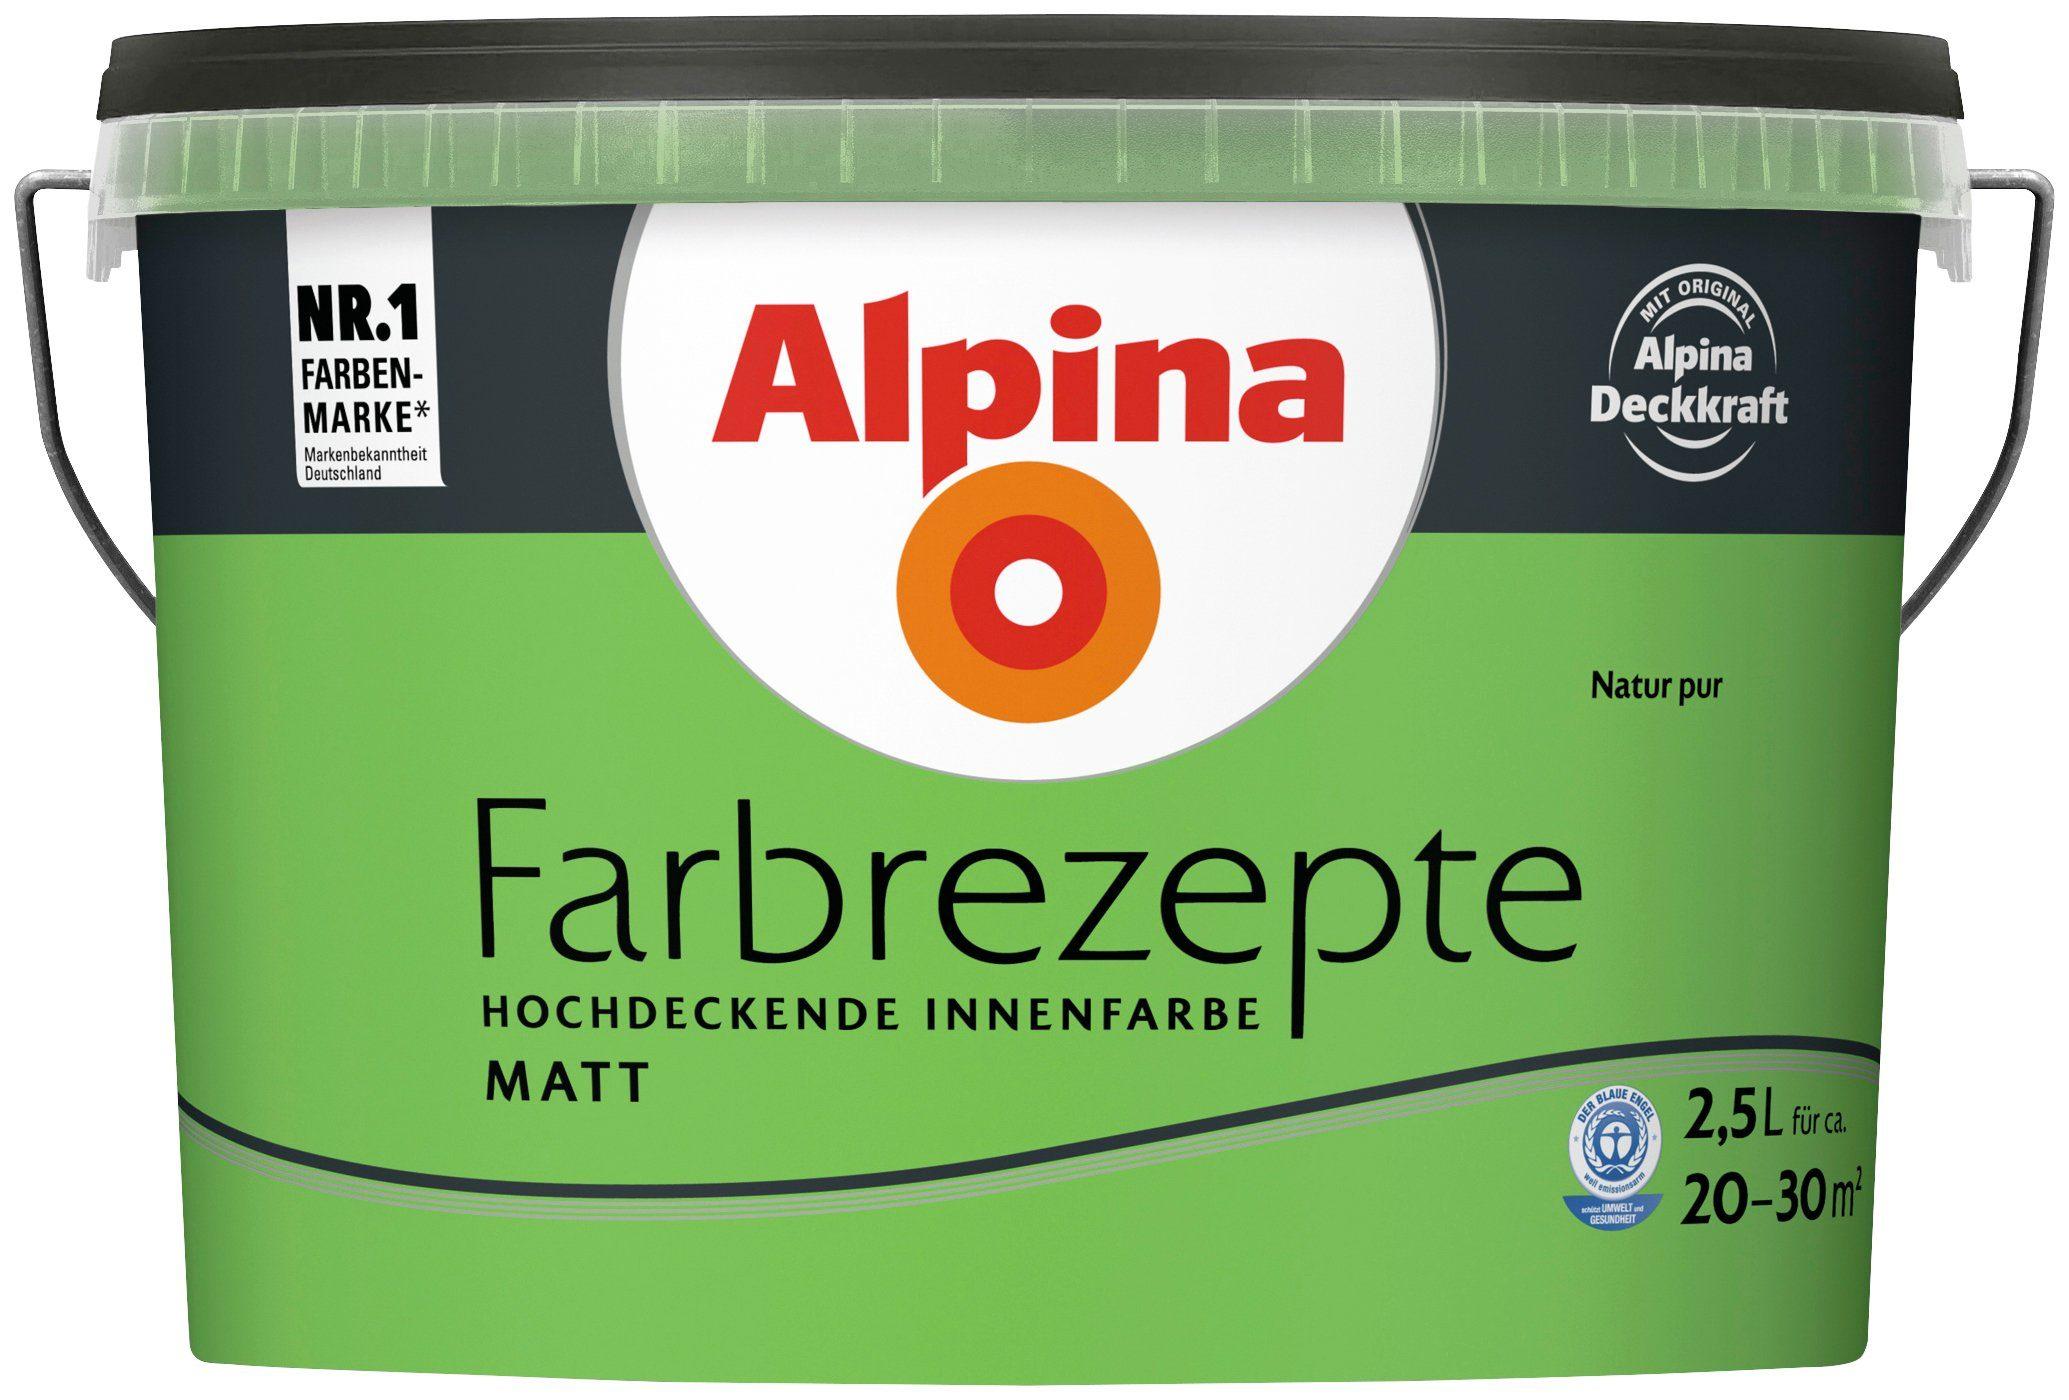 ALPINA Wand- und Deckenfarbe »Farbrezepte - Natur pur«, 2,5 l, matt